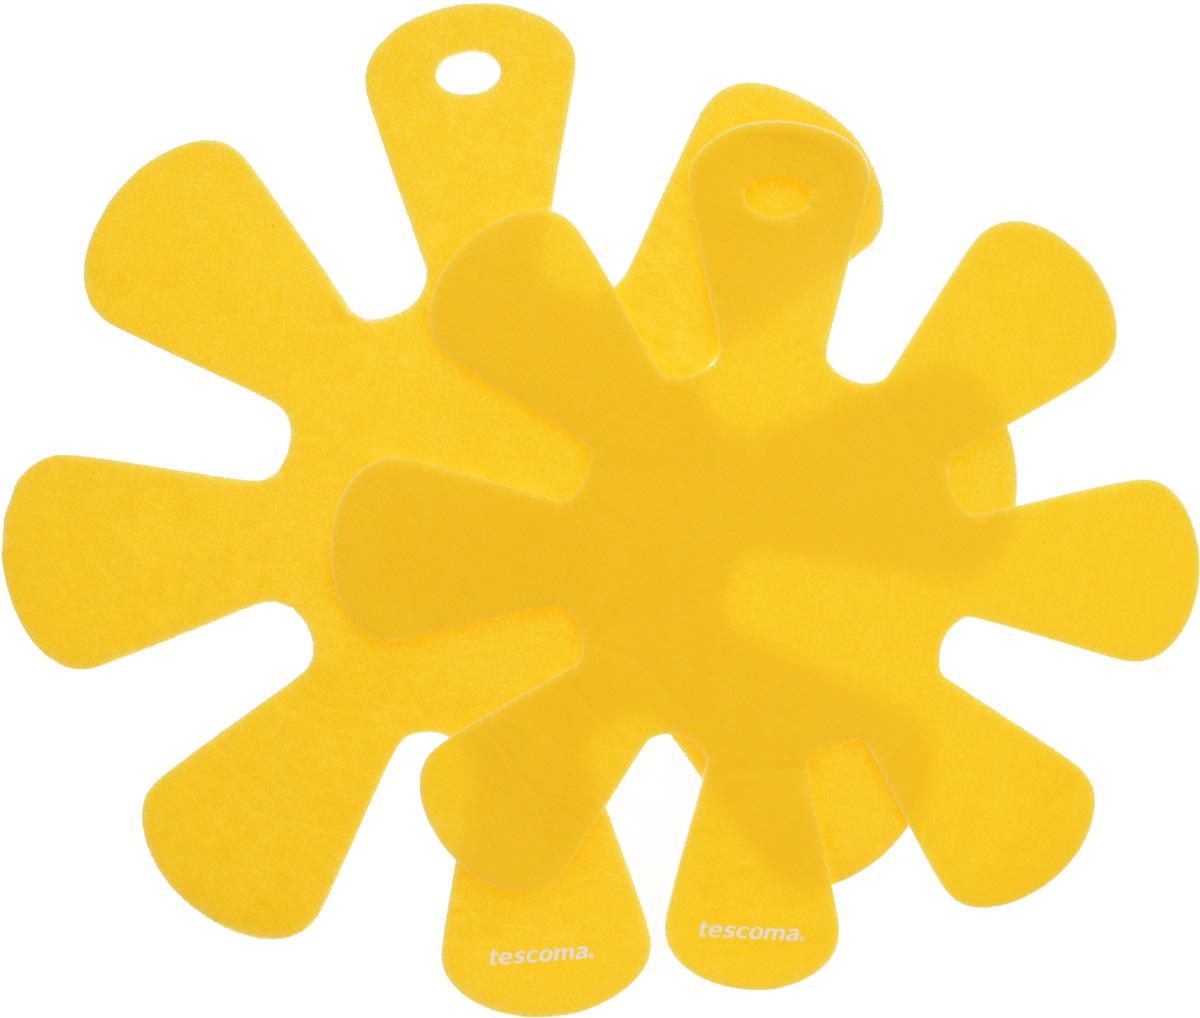 Протектор для хранения посуды Tescoma Presto, цвет: желтый, 2 шт. 42088454 009312Протекторы для хранения посуды Tescoma Presto выполнены из прочной синтетической ткани. Они используются для защиты посуды с антипригарным покрытием при хранении на кухне. Подходят для посуды диаметром от 24 до 32 см и от 18 до 24 см. Нельзя использовать для горячей или неочищенной посуды.Не использовать в качестве подставки под горячее.Не использовать в посудомоечной машине.Рекомендуется обычная стирка при 40°С.Диаметр большого протектора: 38 см.Диаметр малого протектора: 32,5 см.